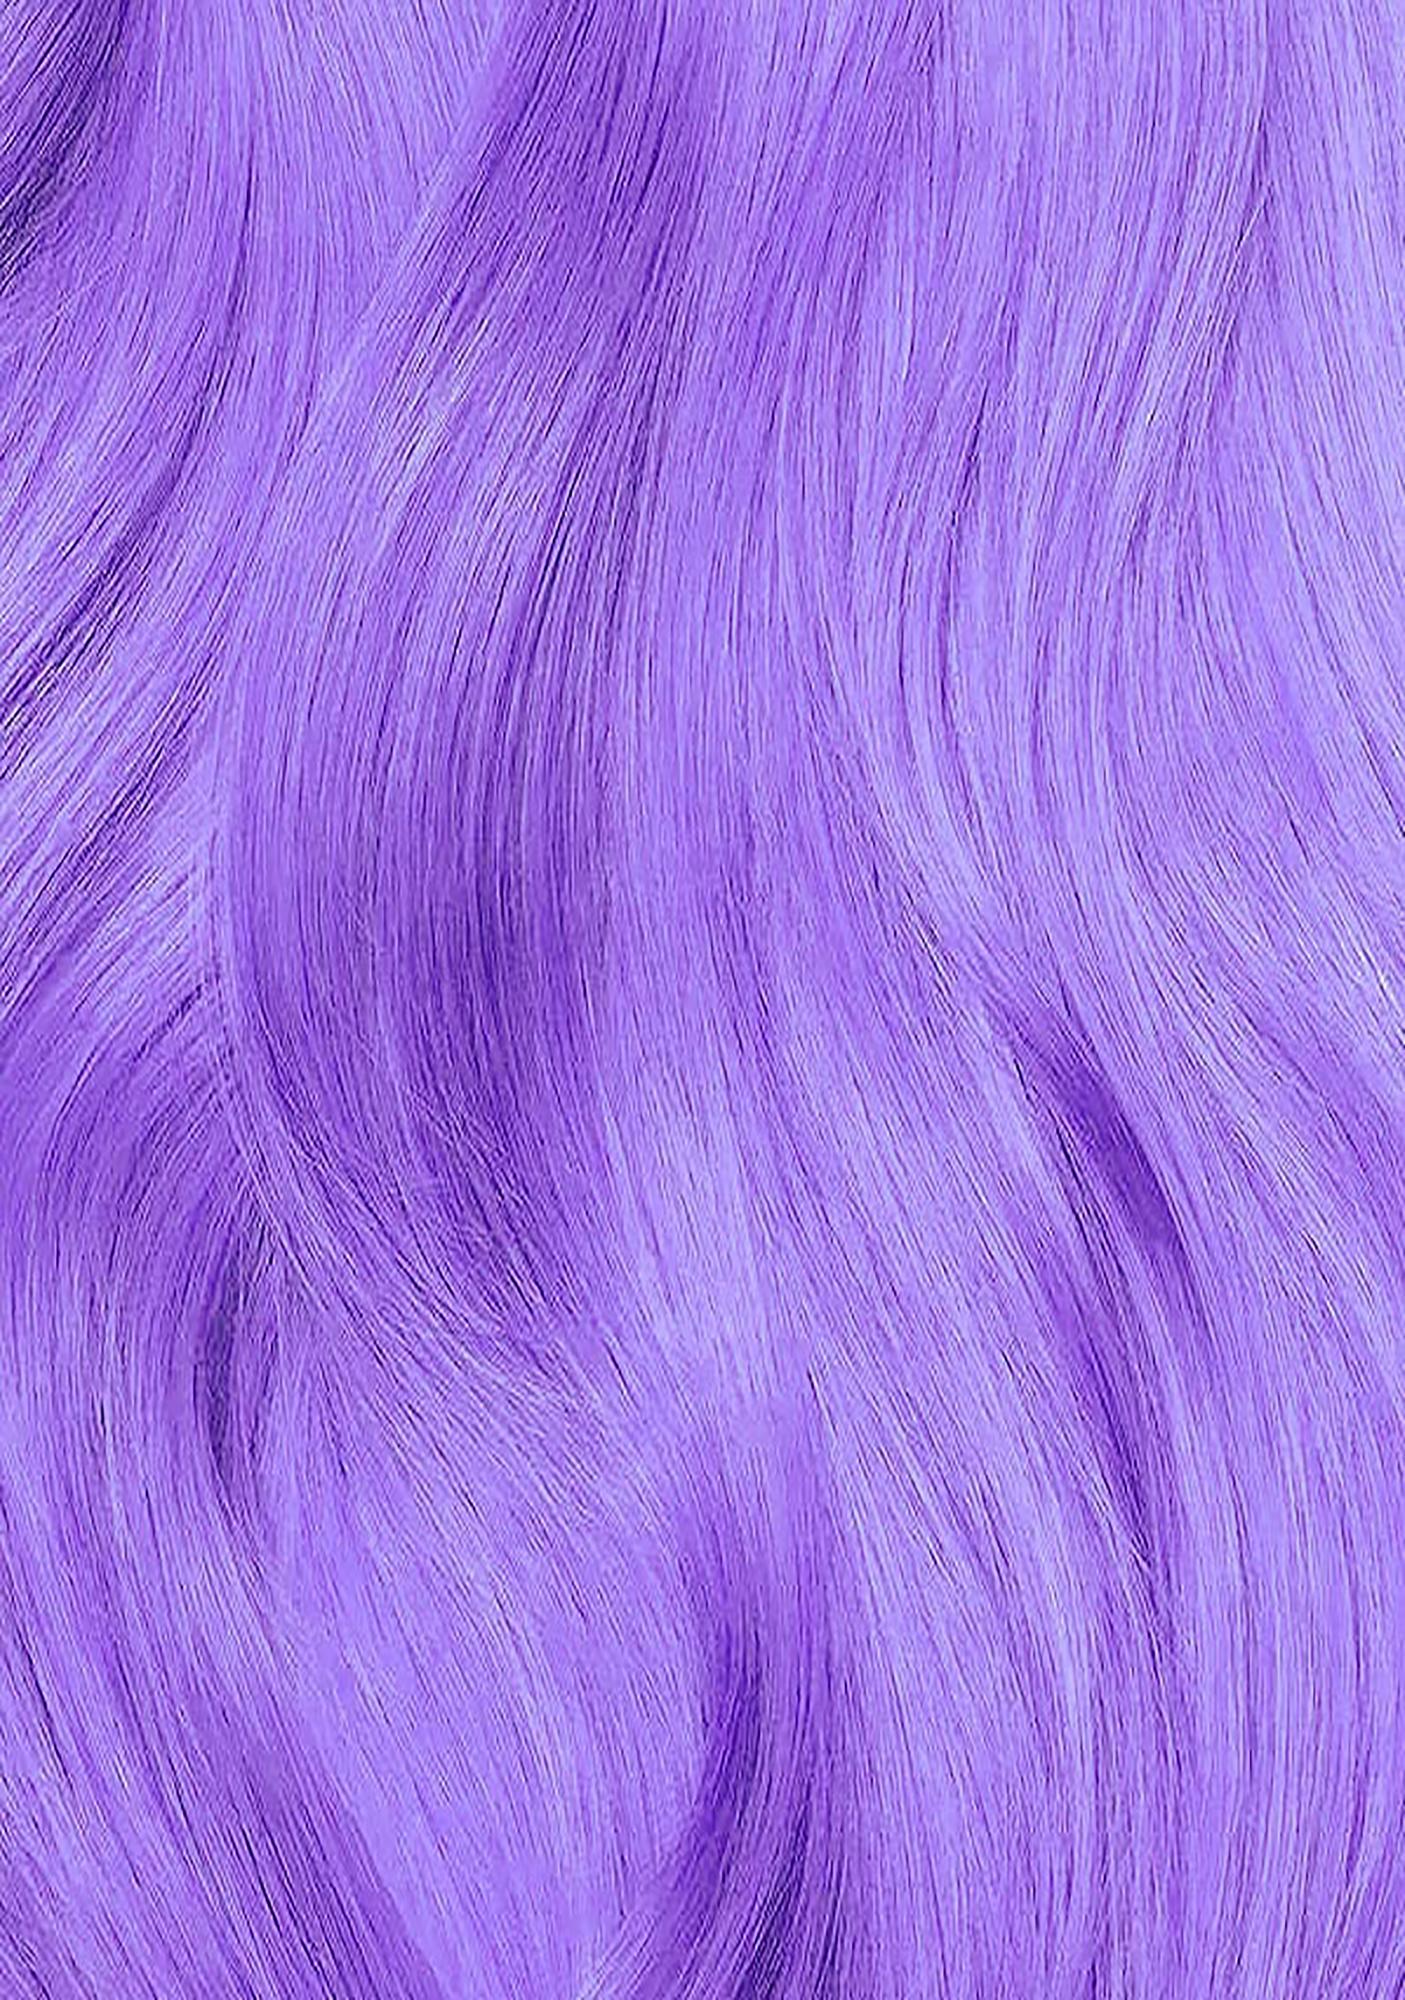 Lunar Tides Iris Purple Semi-Permanent Hair Dye